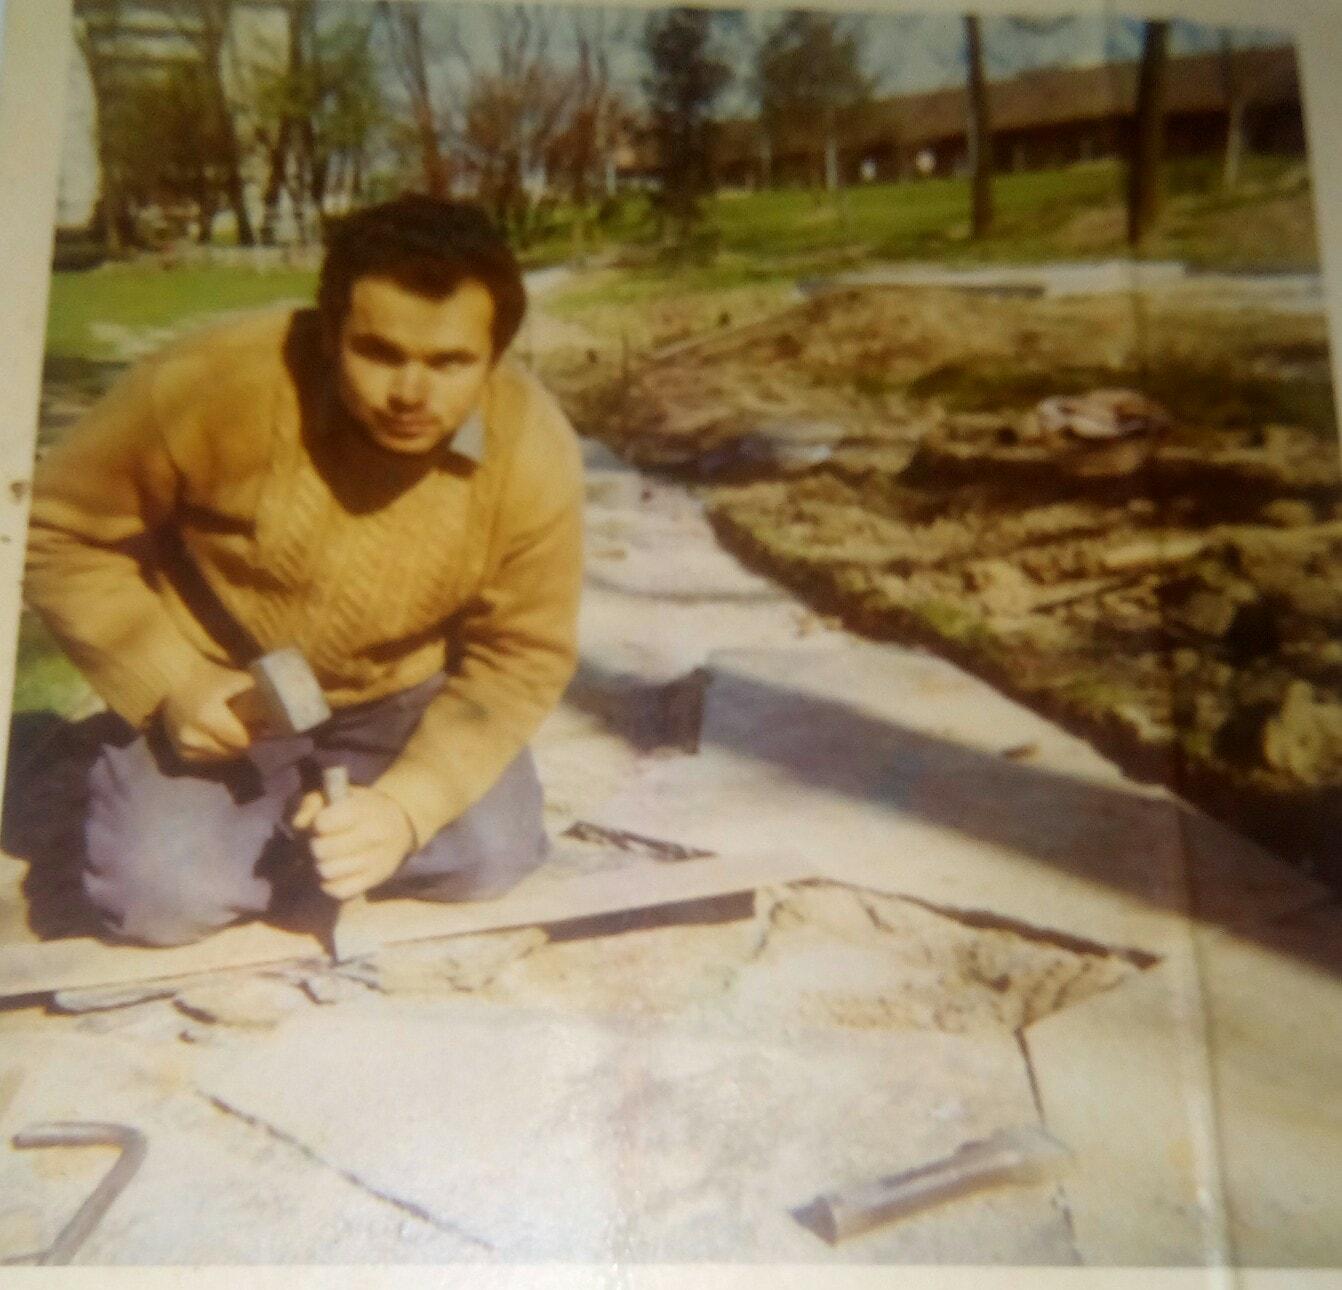 Irgendwann in den Siebzigern in Zuchwil.   R.T. bearbeitet die Natursteinplatten.